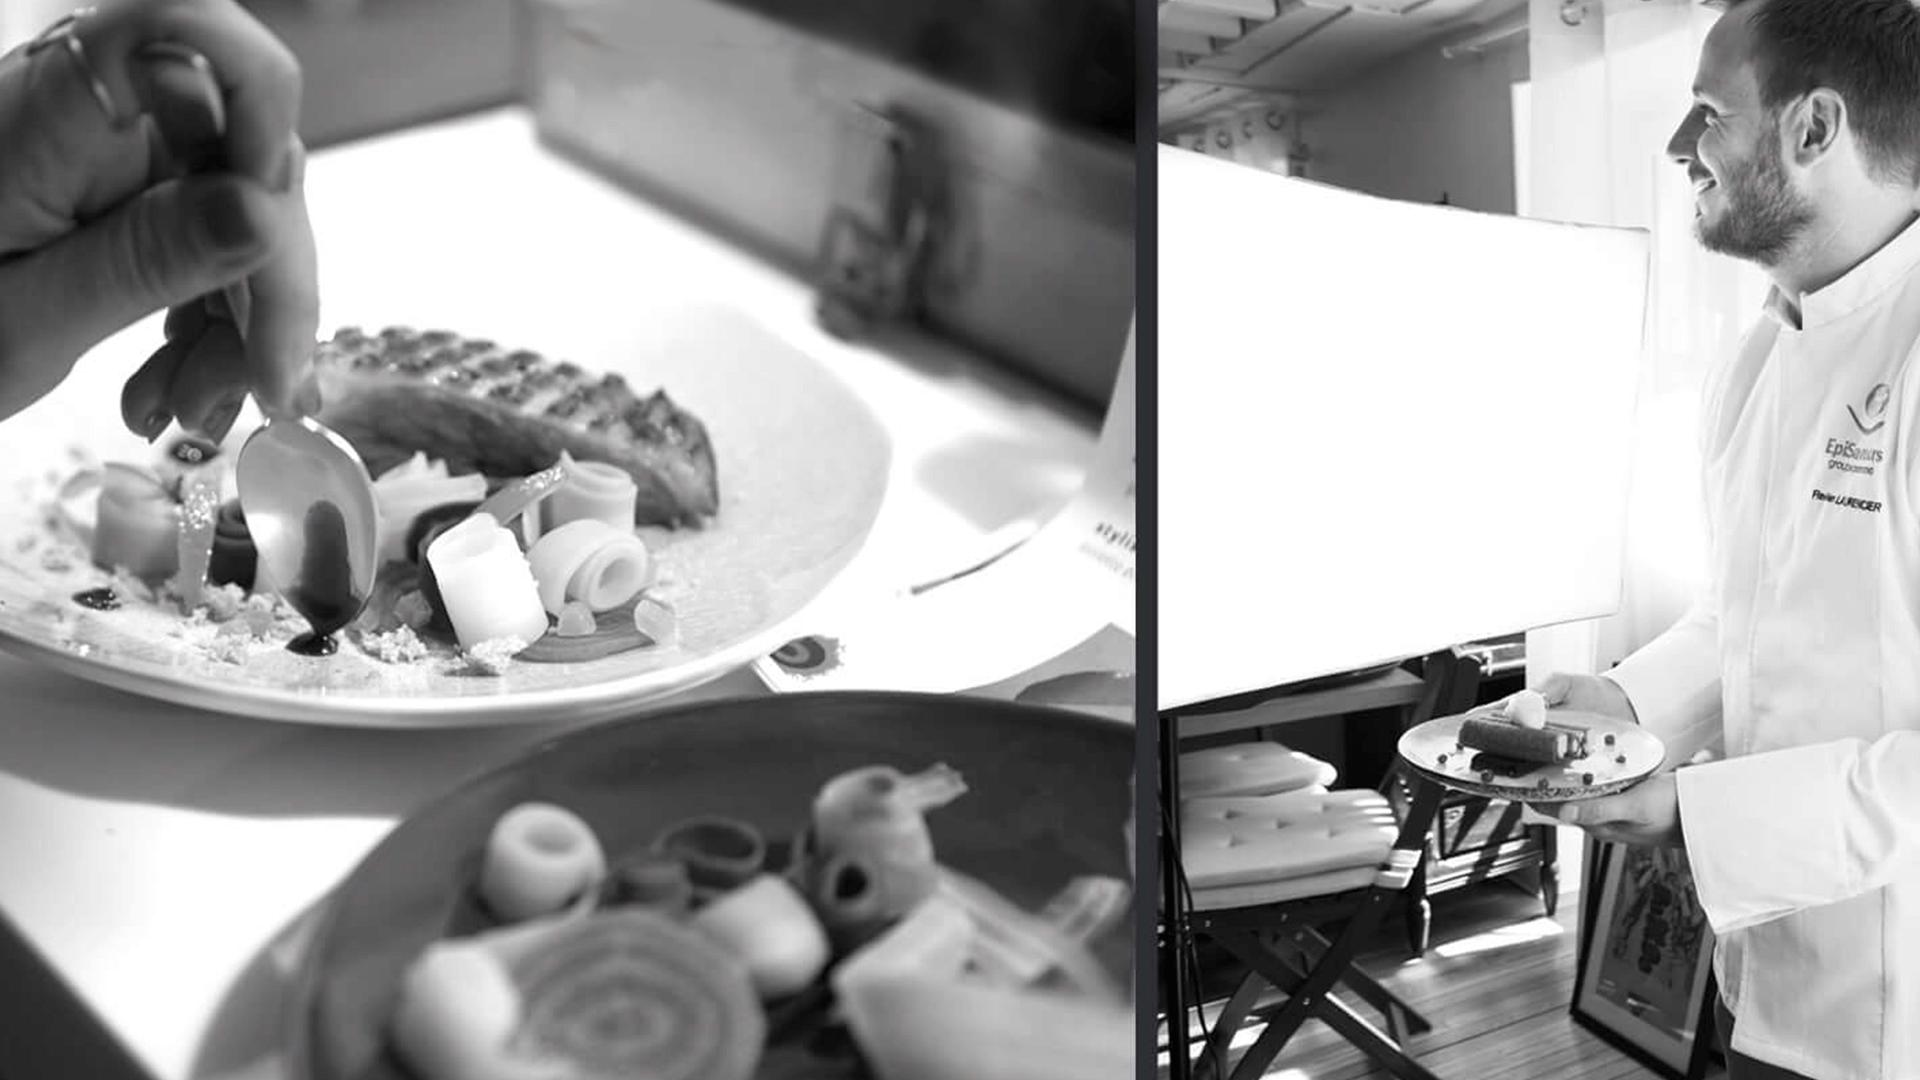 plat et chef avec plat en noir et blanc ambiance du catalogue l'Atelier Festif d'EpiSaveurs